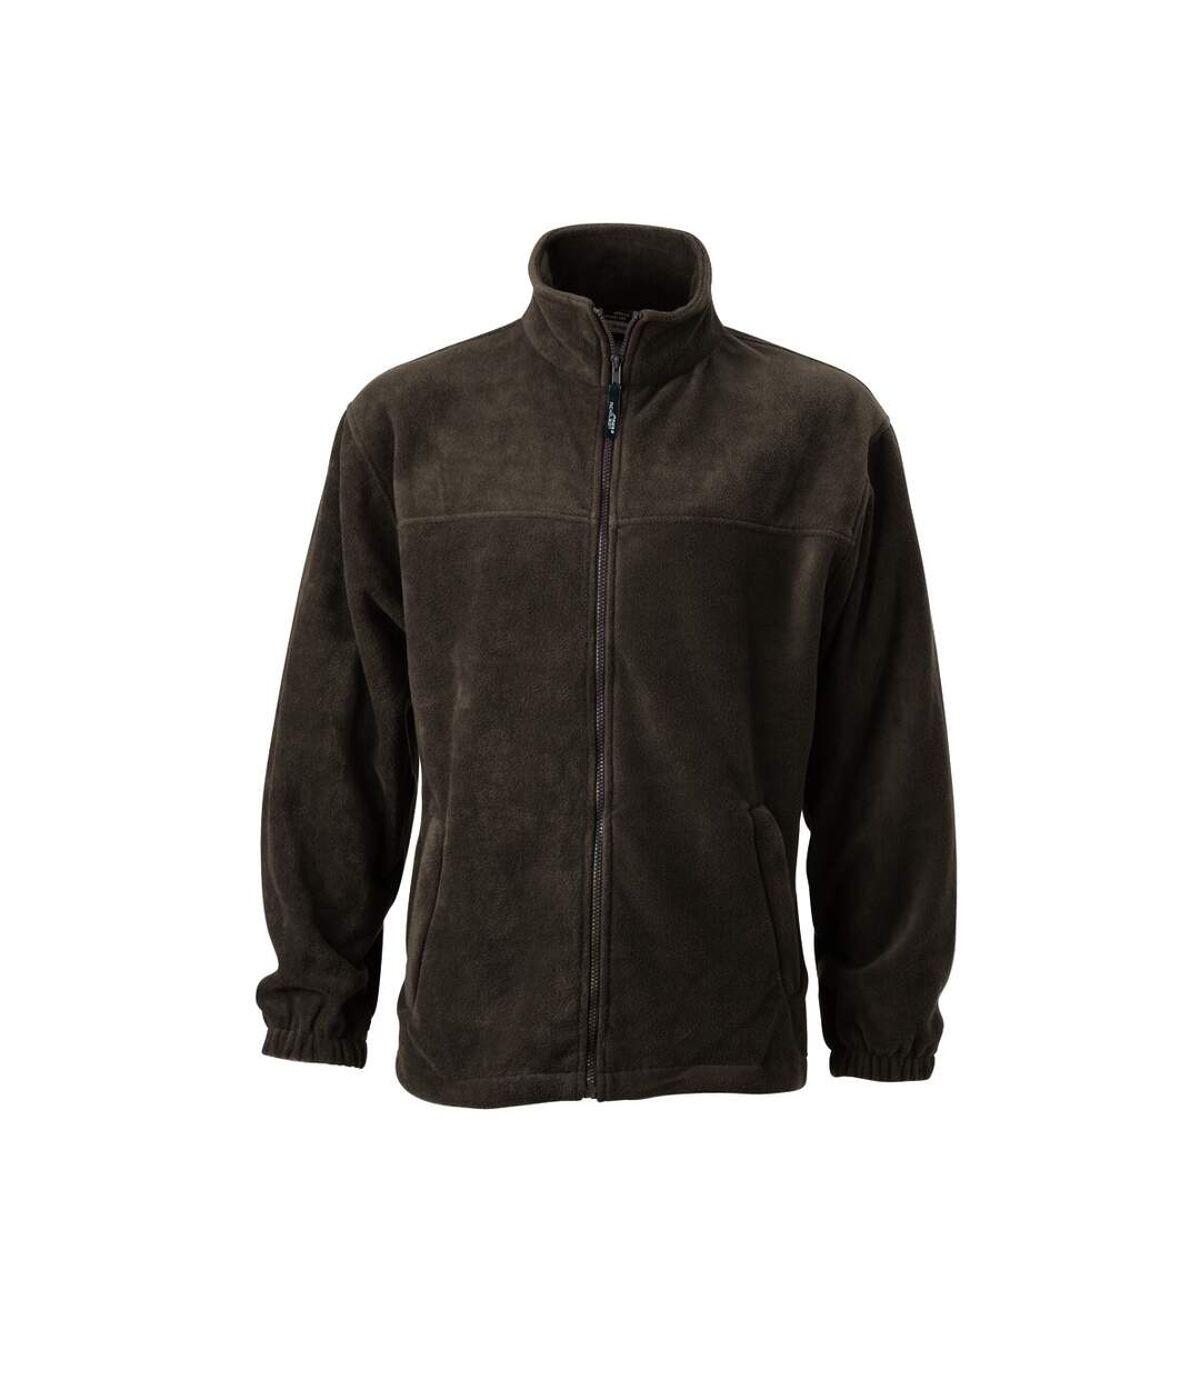 Veste polaire zippée homme - JN044 - marron